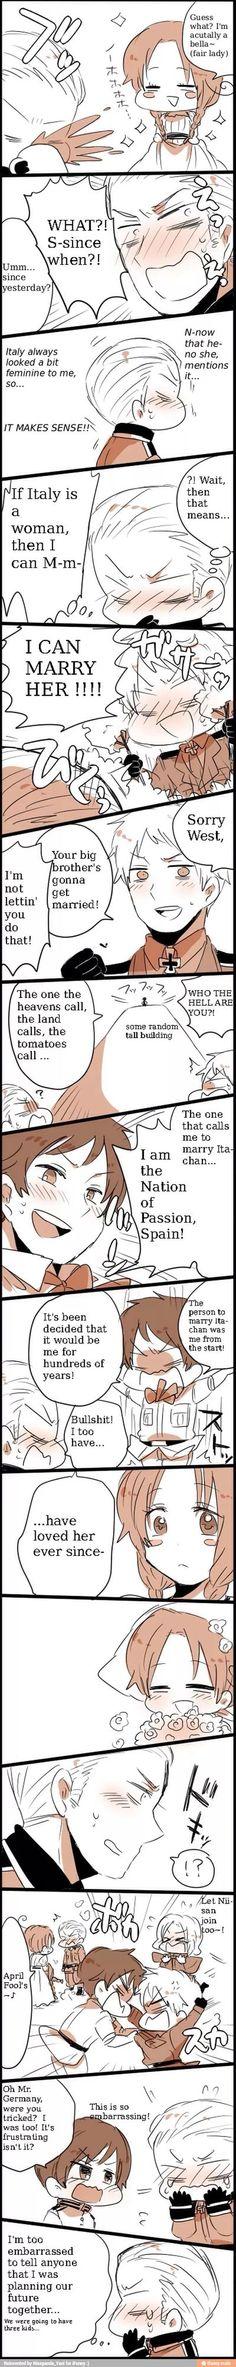 Dawww:<<< YOU CAN STILL LOVE HIM GERMANY